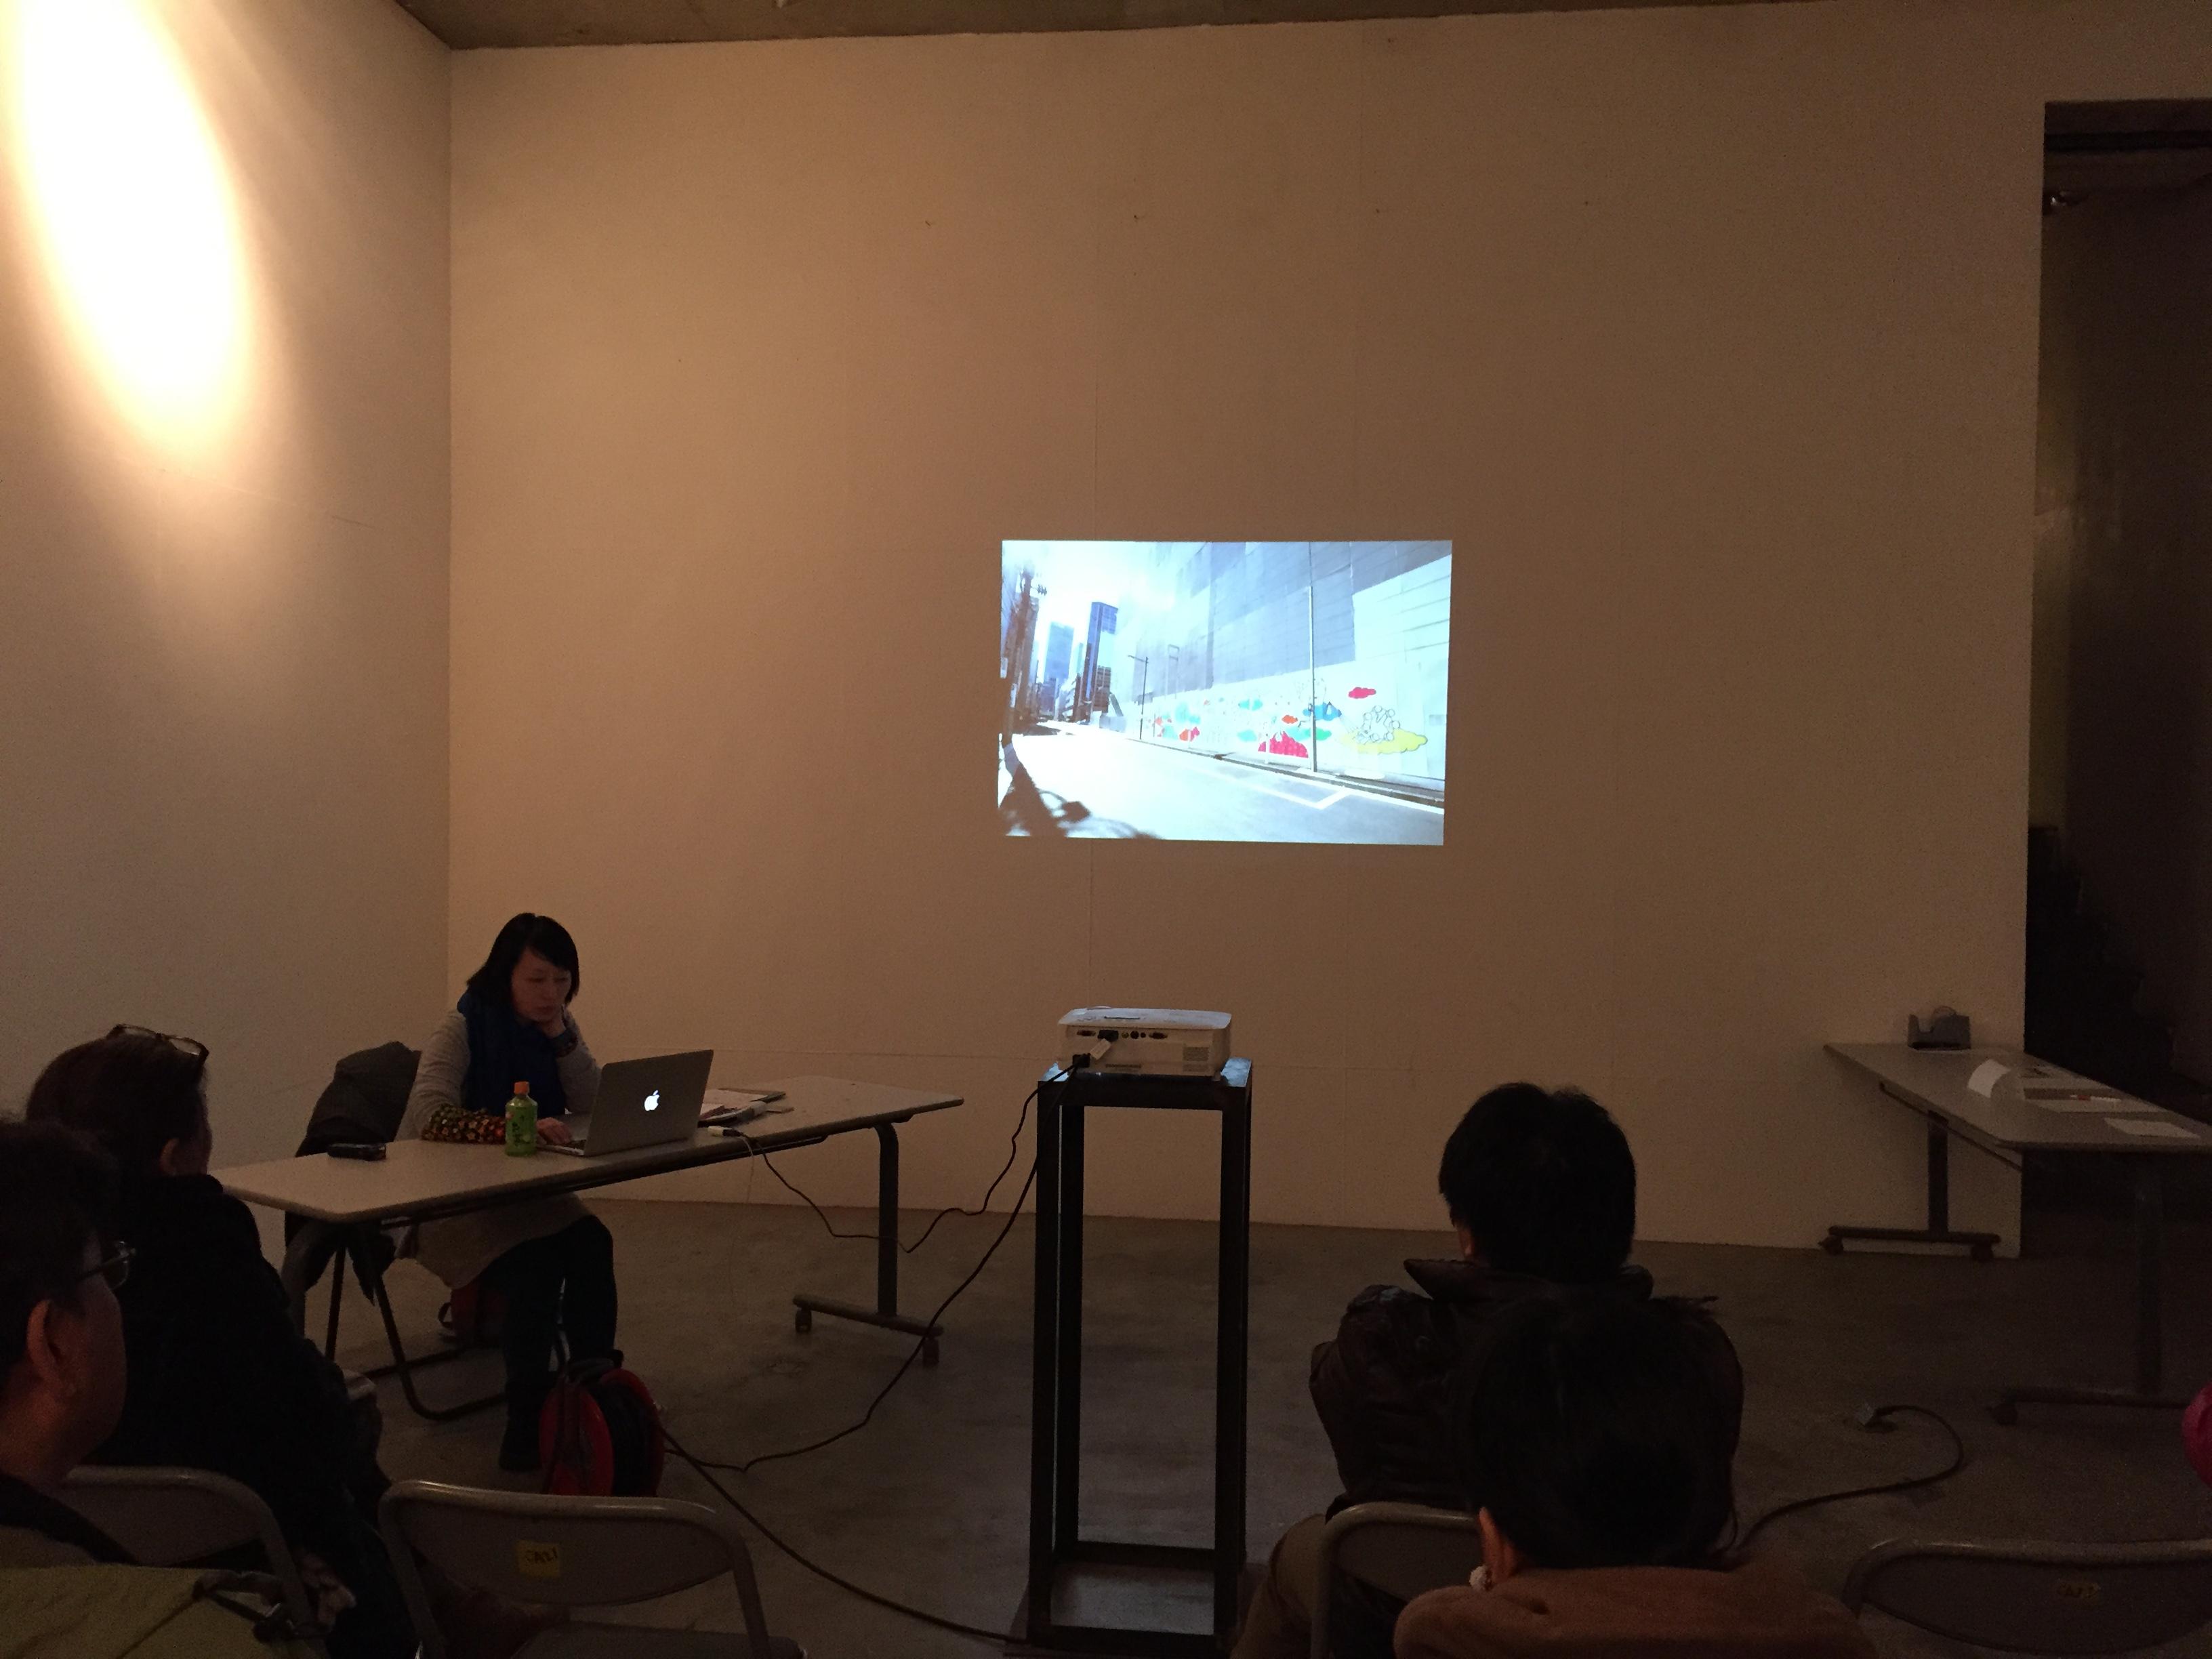 19期生:川上大雅先生の授業風景